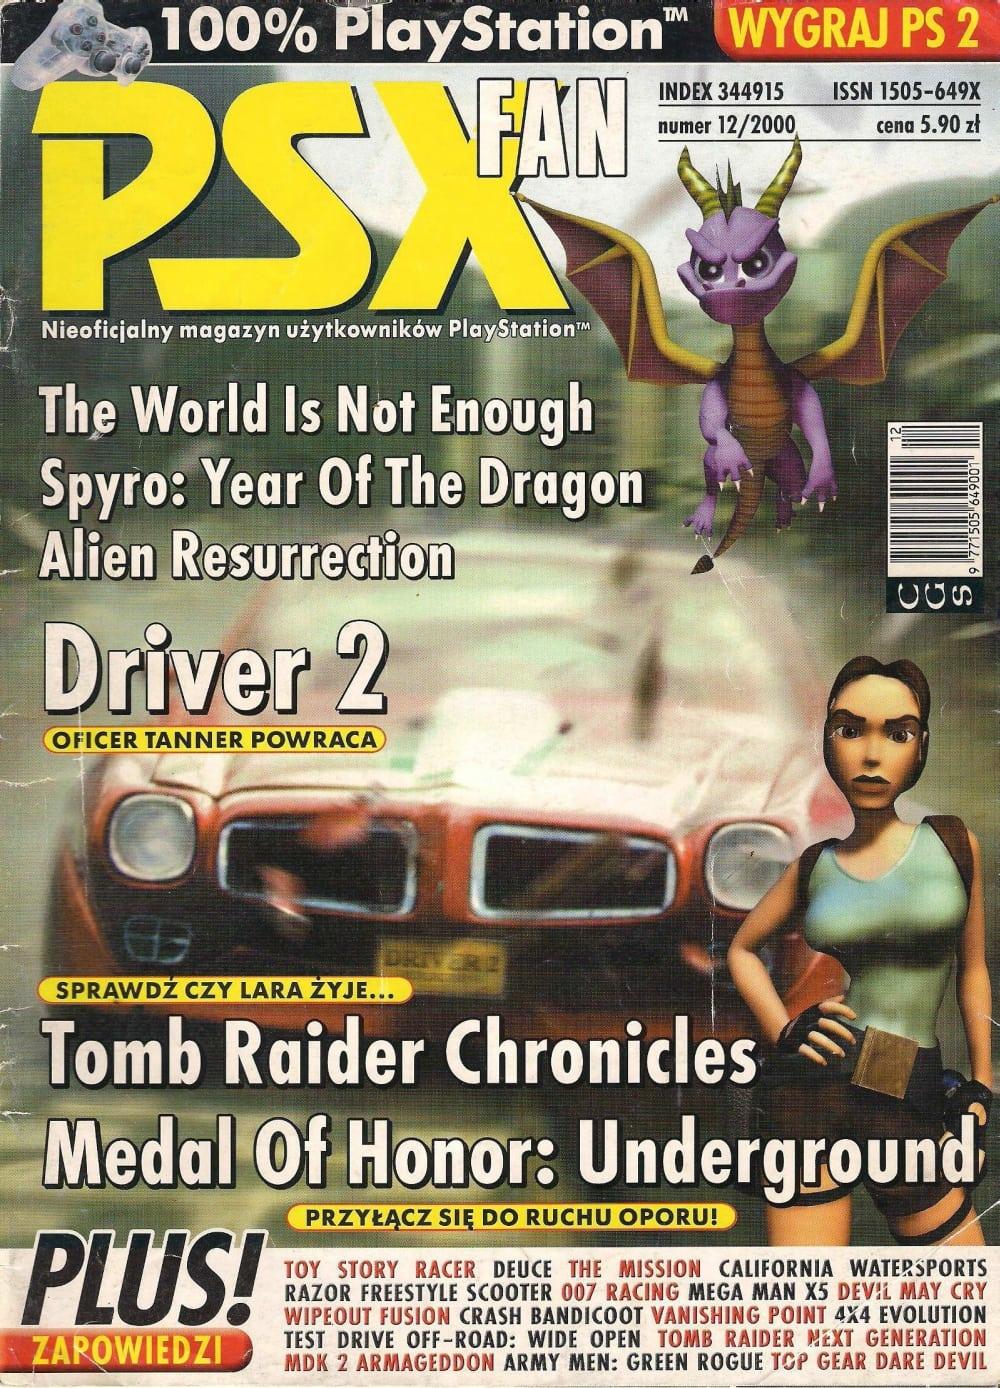 psx fan cover - Historia skrótów - PSX czy PS1?